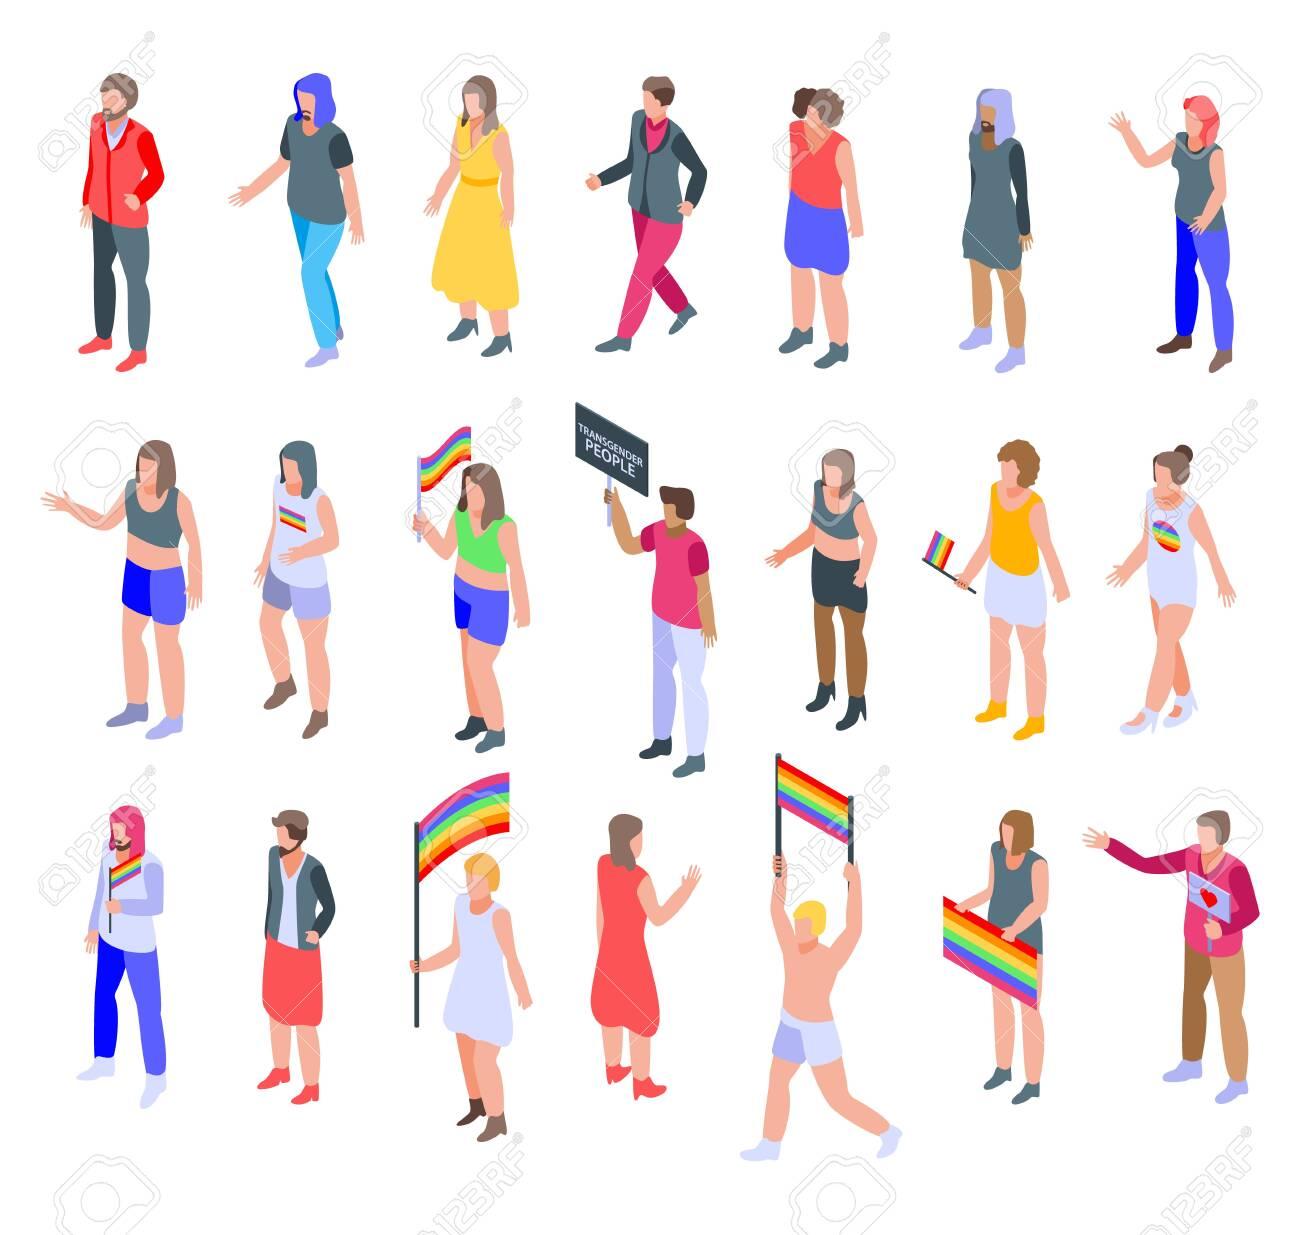 Transgender people icons set, isometric style - 138463797